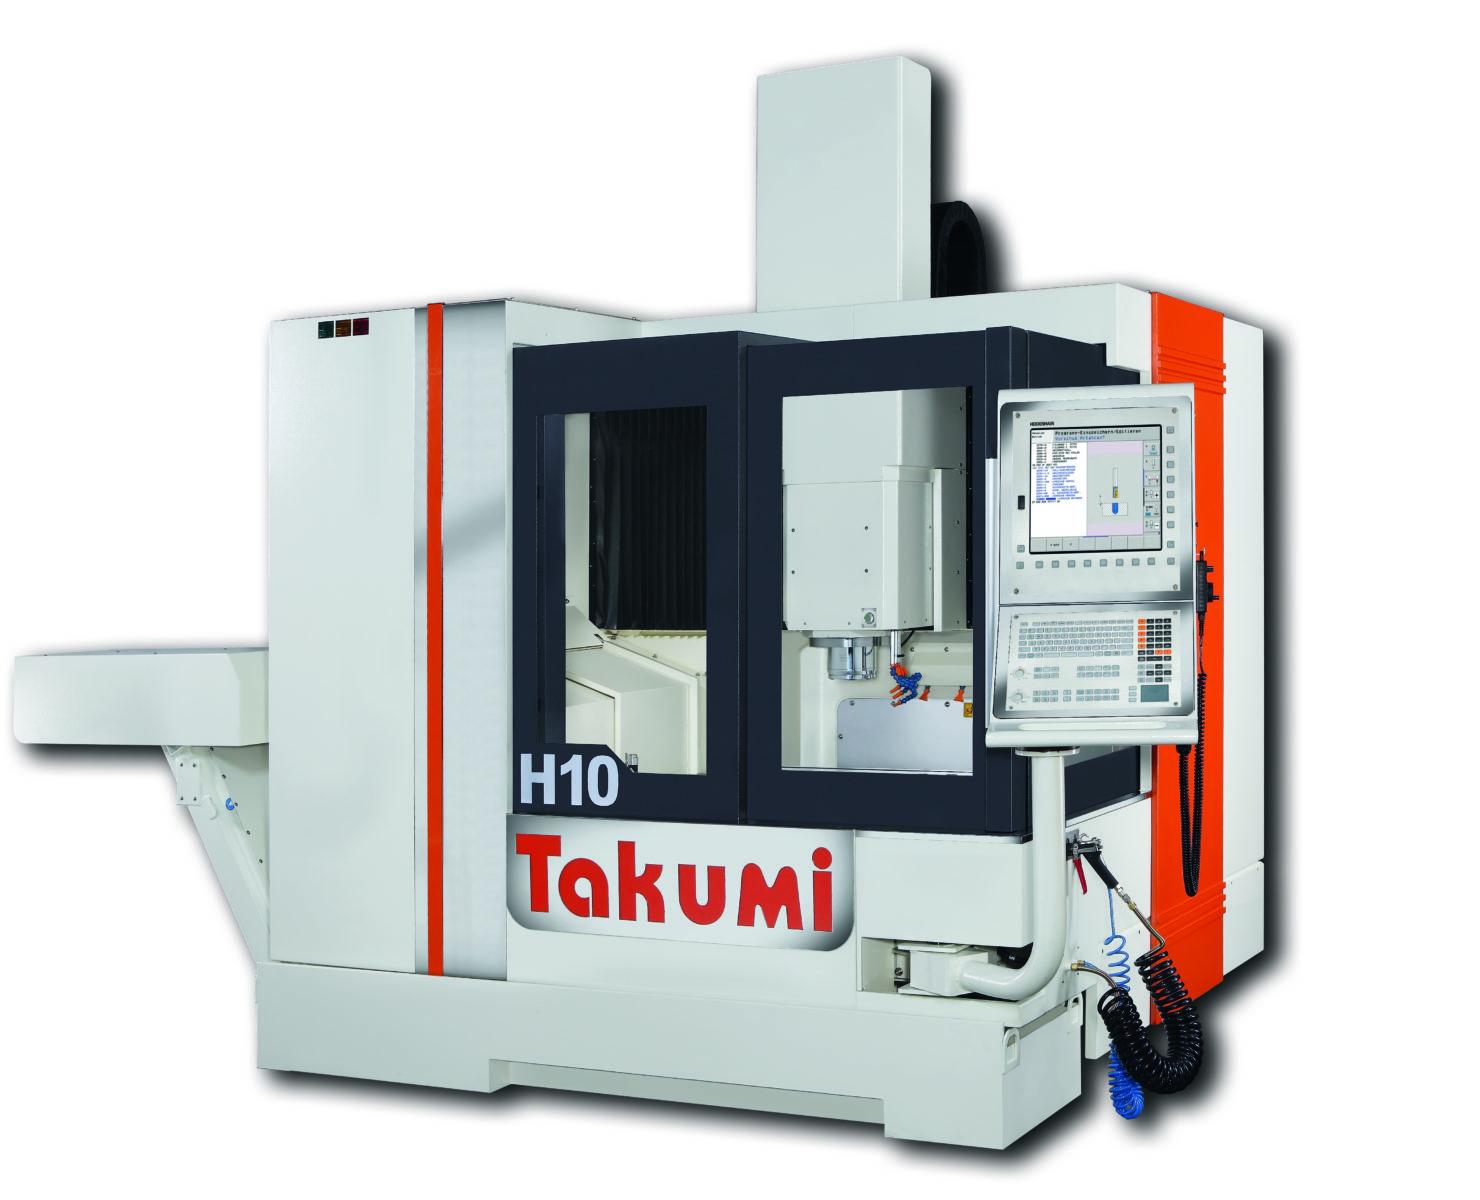 Takumi H10: 3-osiowe centrum obróbcze z Heidenhain Control for Die & Mold